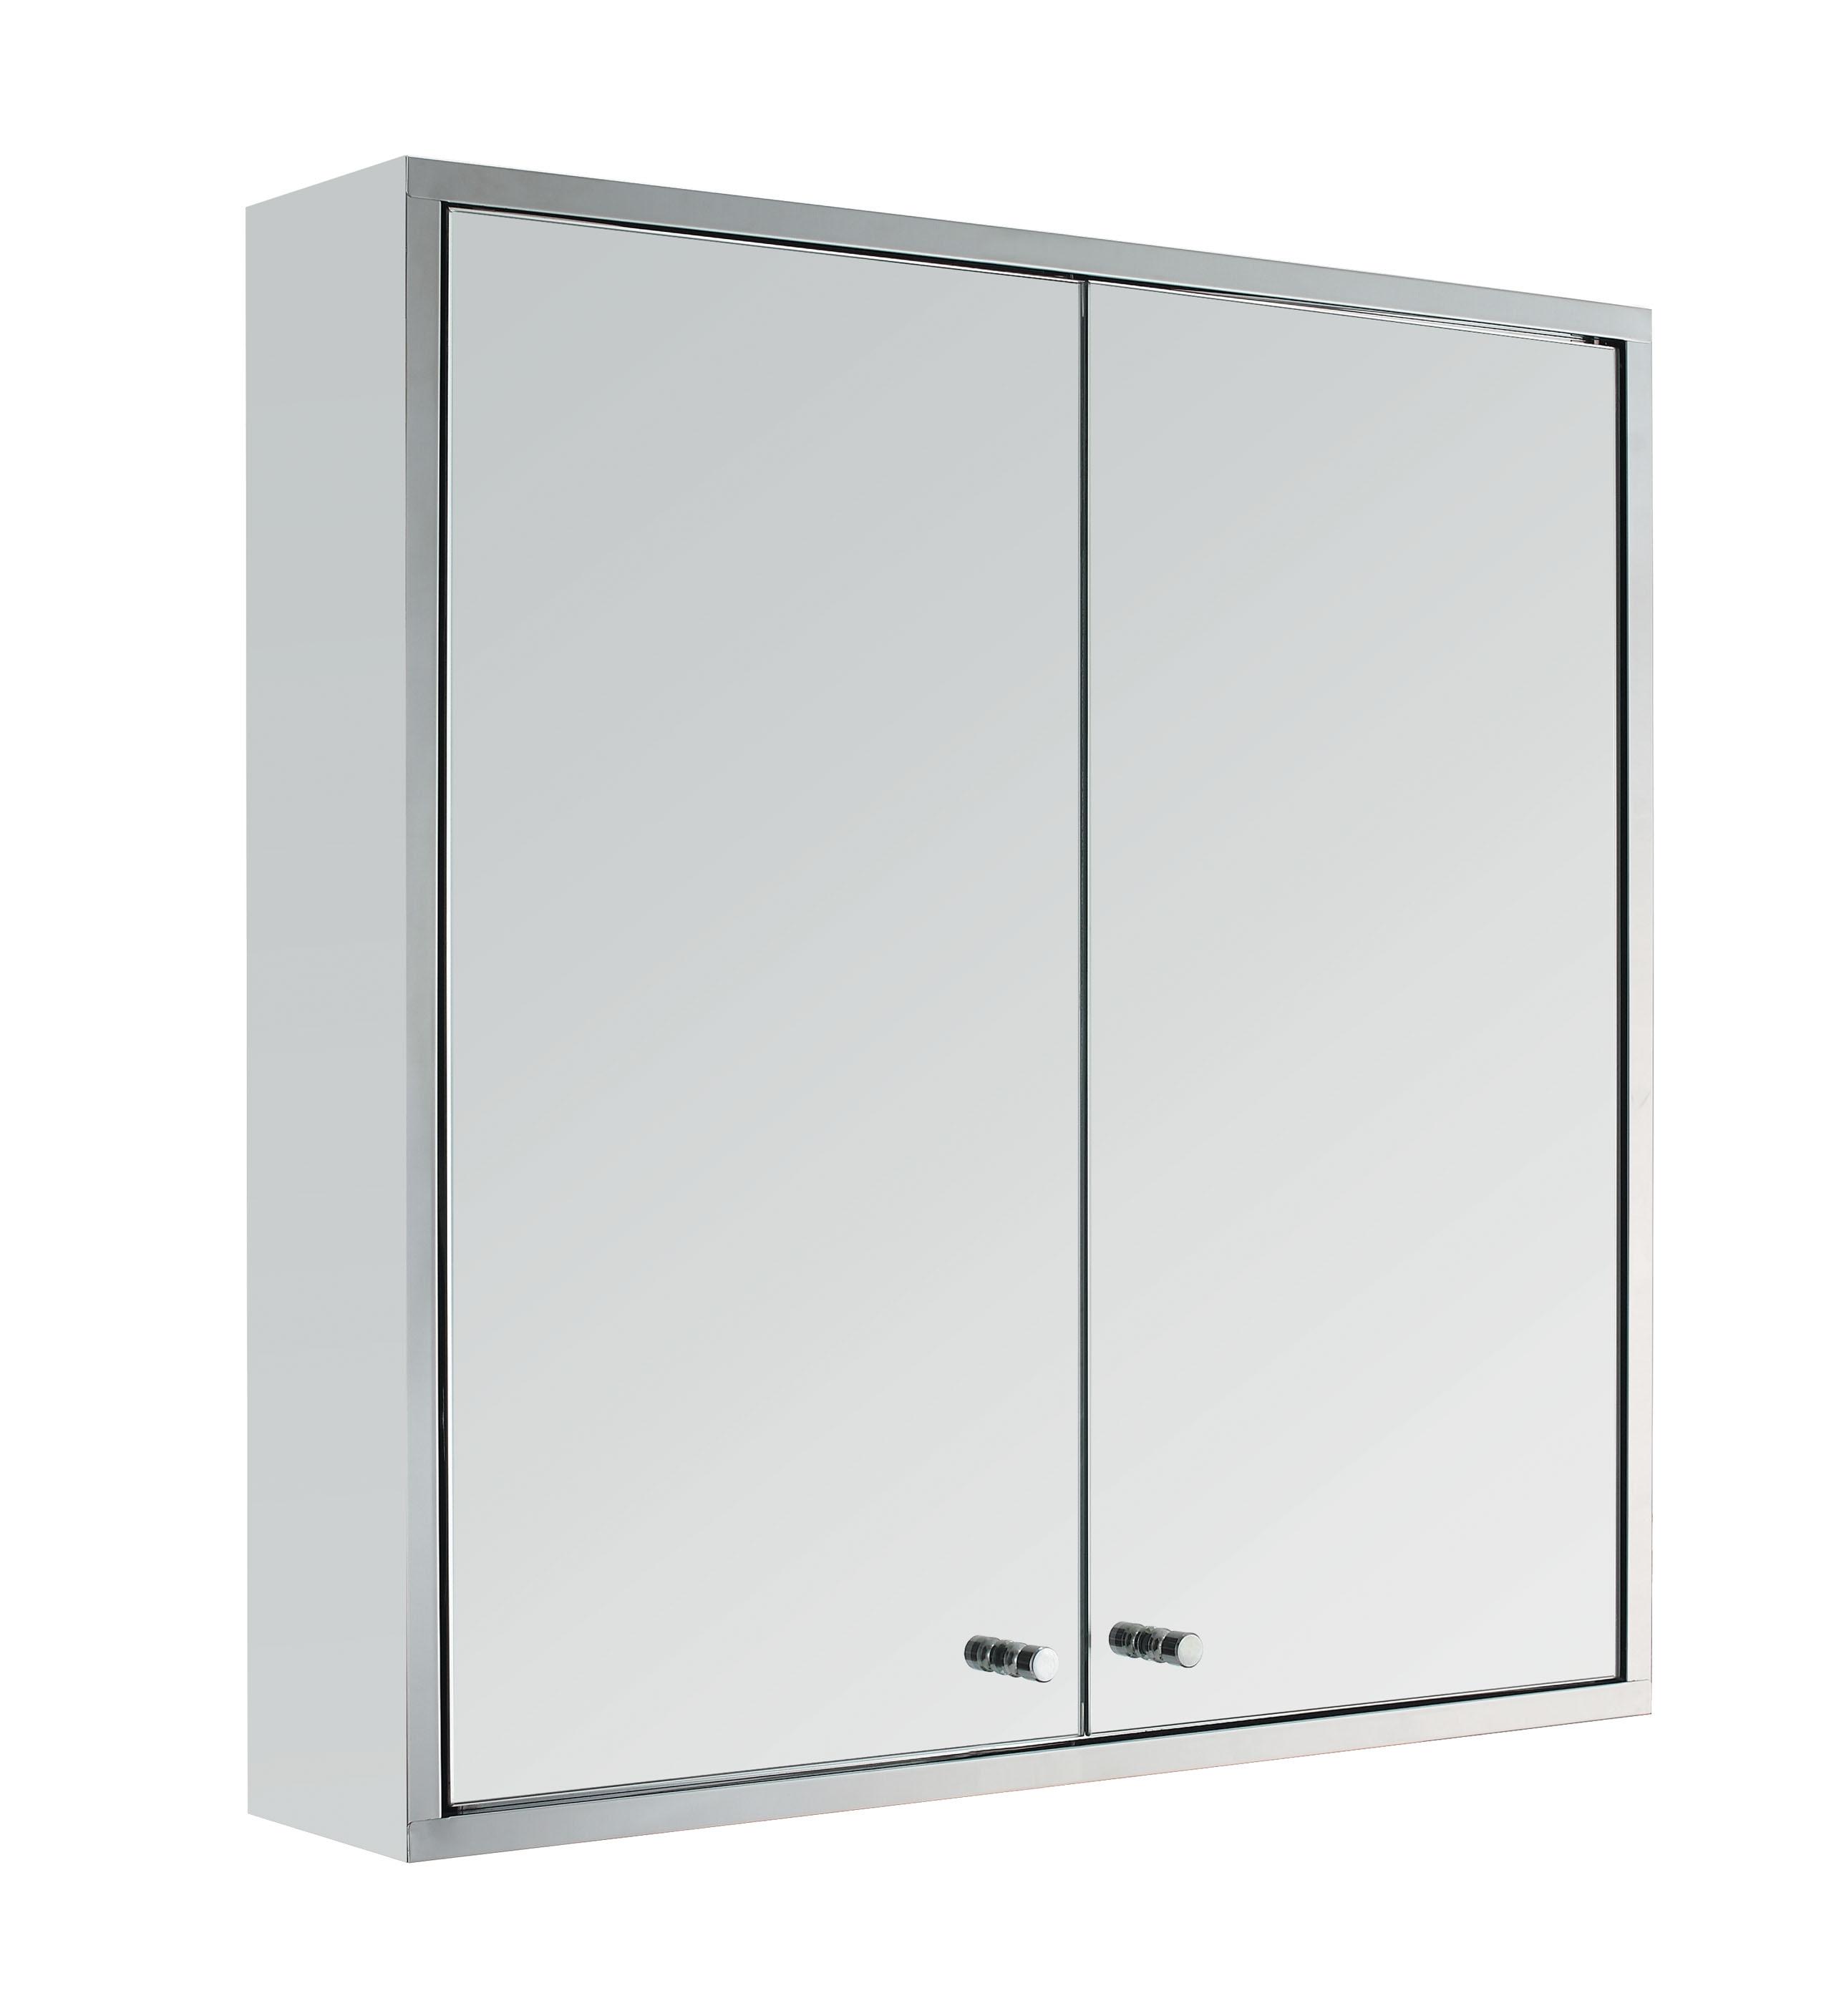 Metal Bathroom Mirror Cabinet